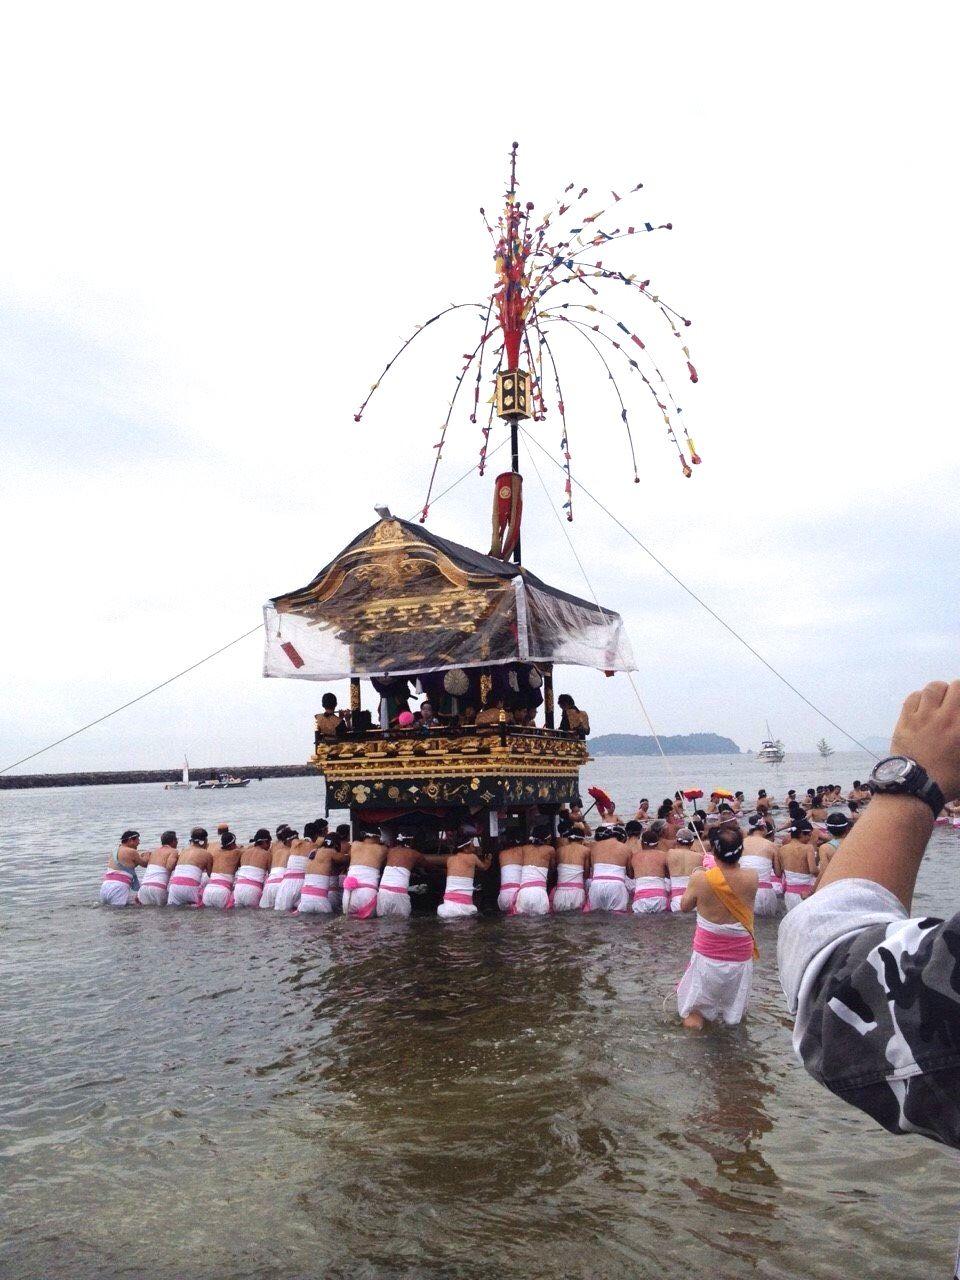 海の中を山車が進む! 愛知、蒲郡の奇祭「三谷祭り」